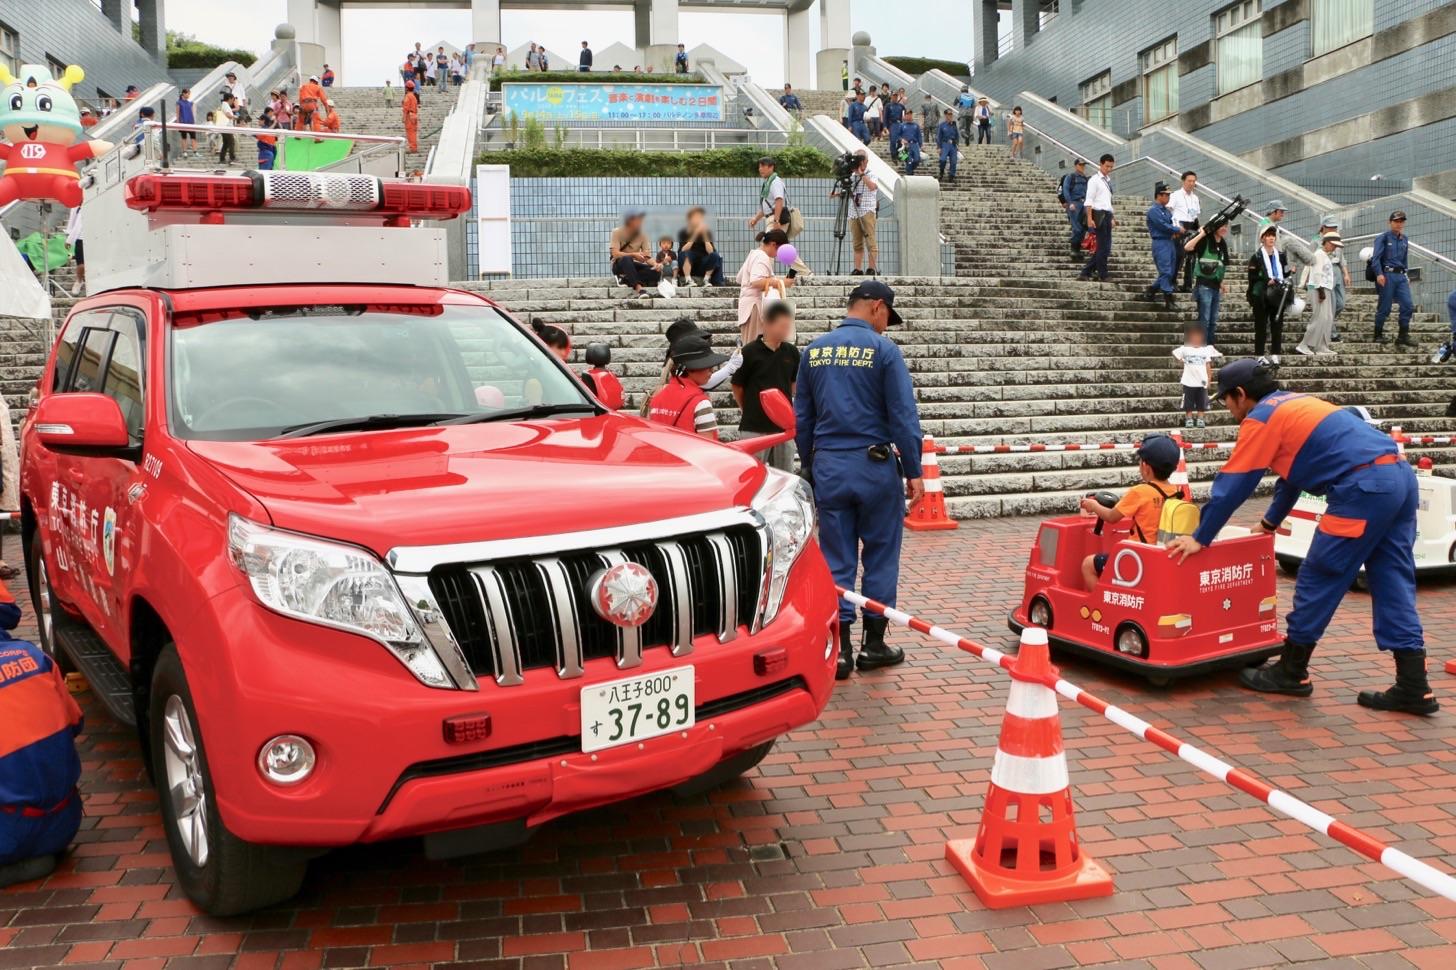 展示・体験等訓練展示・体験等訓練 (パルテノン大通り)東京消防庁ブース